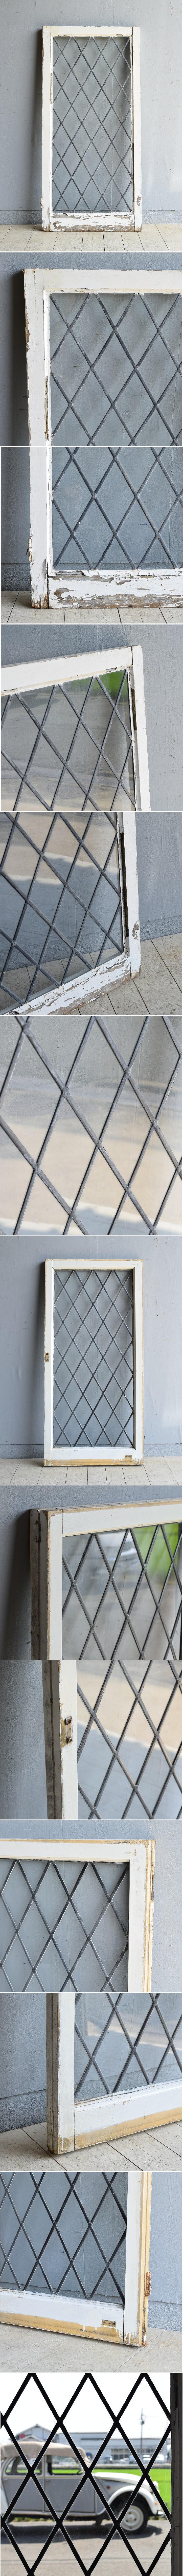 イギリス アンティーク 窓 無色透明 8102